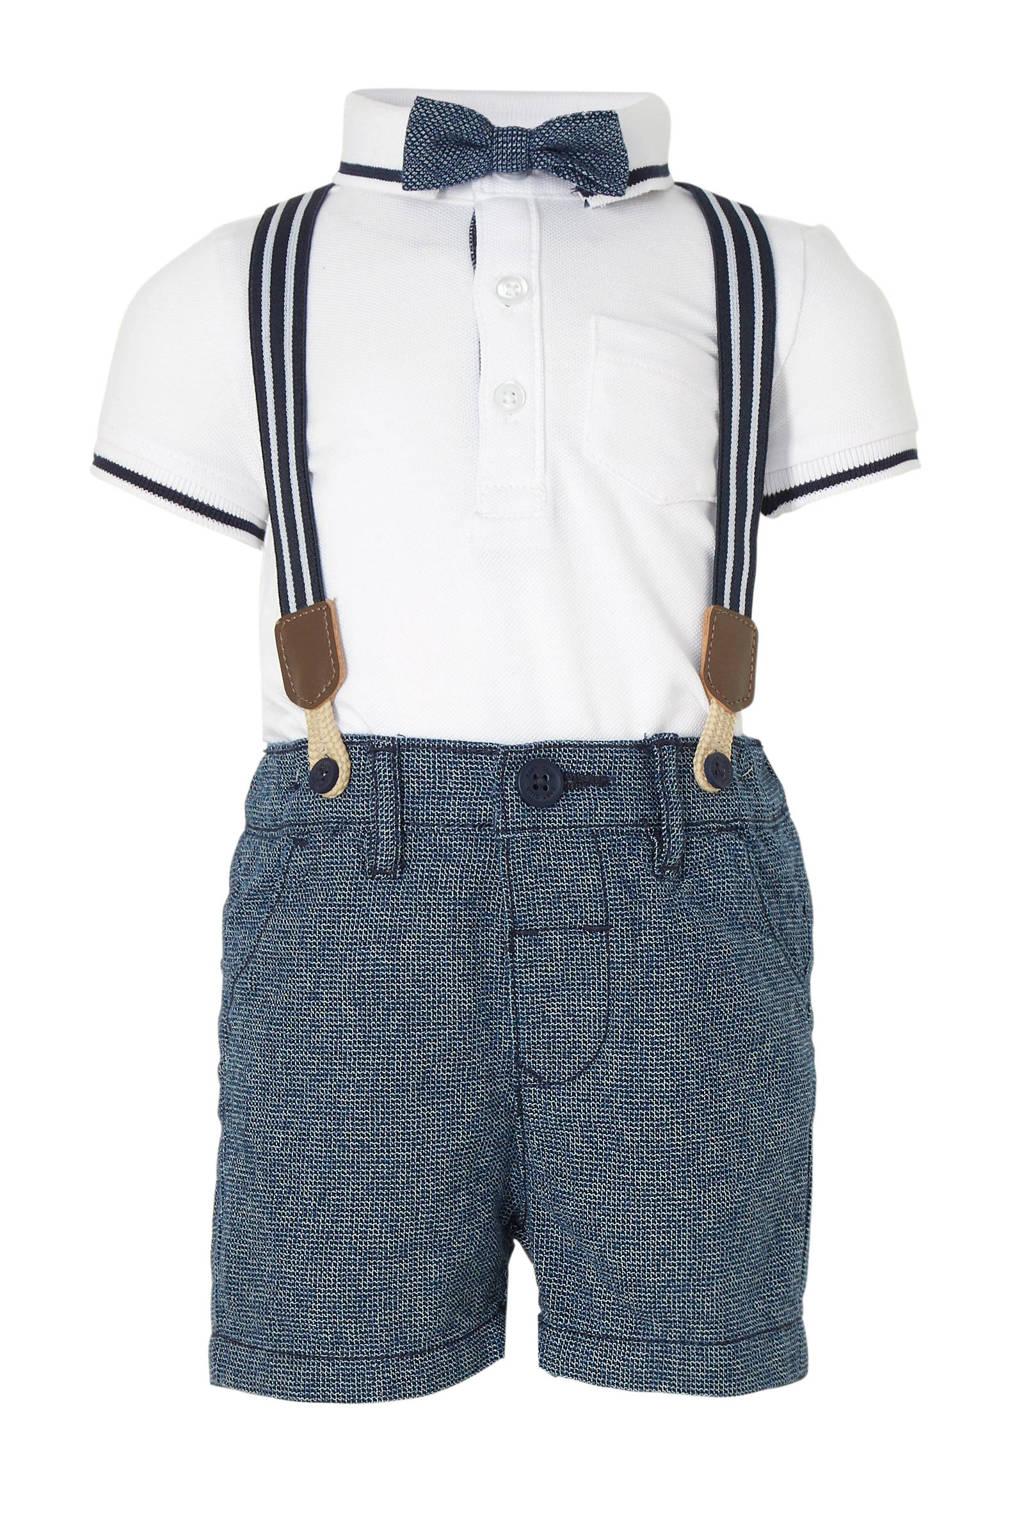 C&A Baby Club polo + korte broek wit/blauw, Wit/blauw